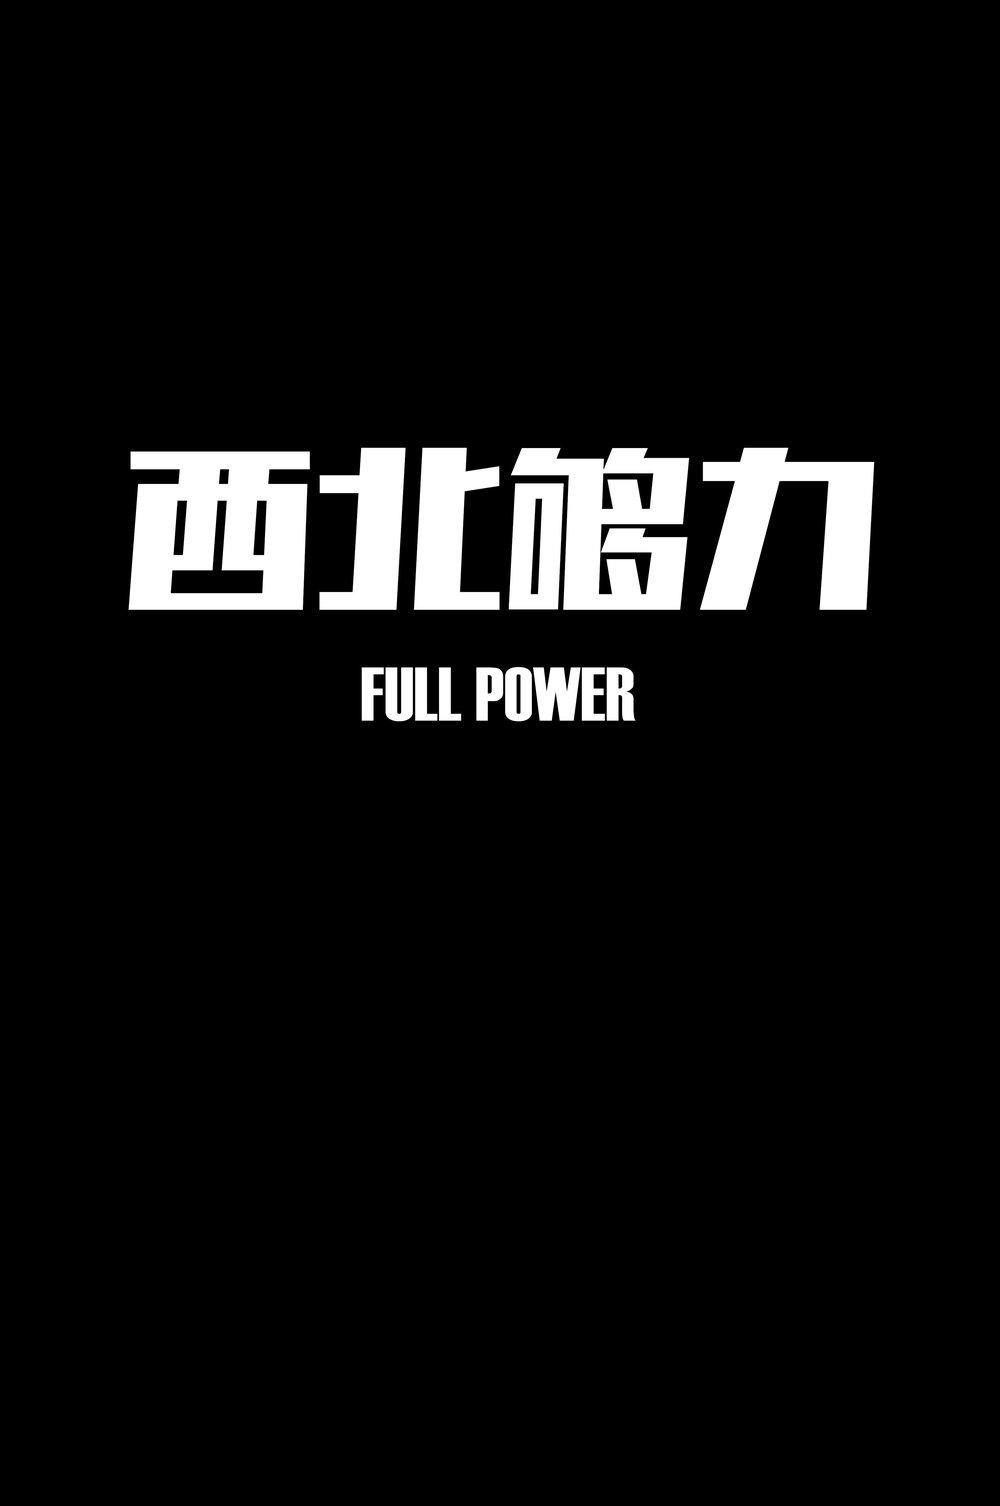 15.2.2 Chinese Full Power (dark background).jpg